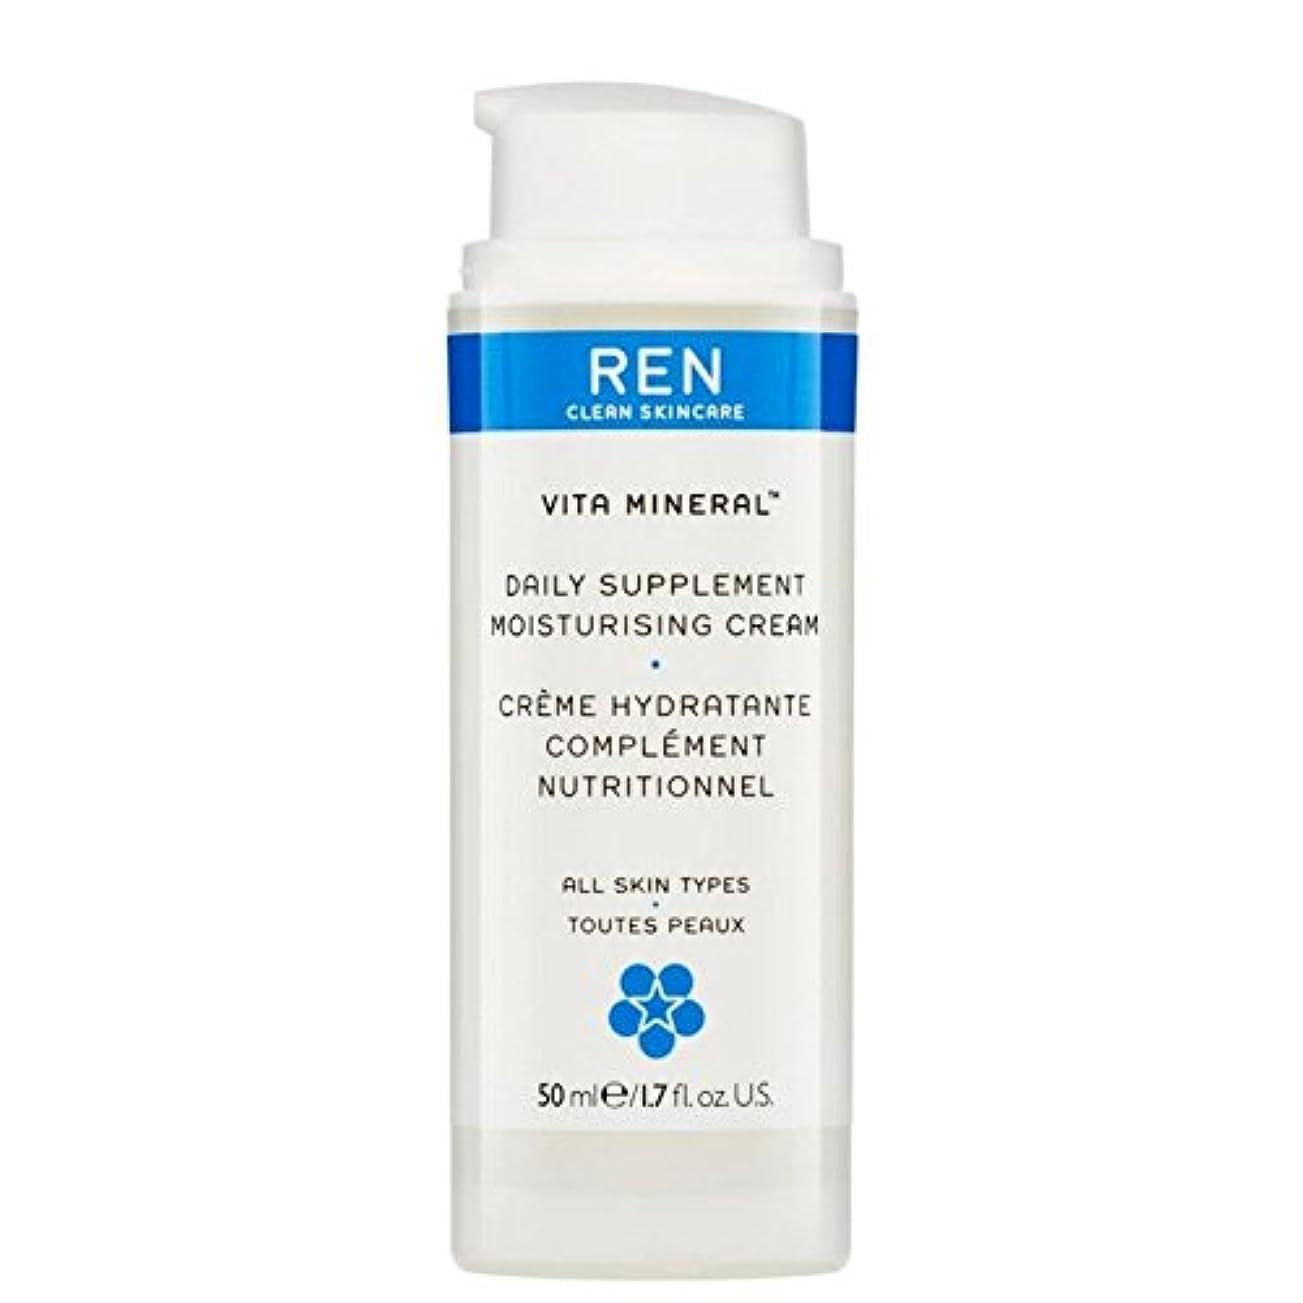 苦しみストレッチマネージャーヴィータミネラル毎日サプリメント保湿クリーム x4 - REN Vita Mineral Daily Supplement Moisturising Cream (Pack of 4) [並行輸入品]